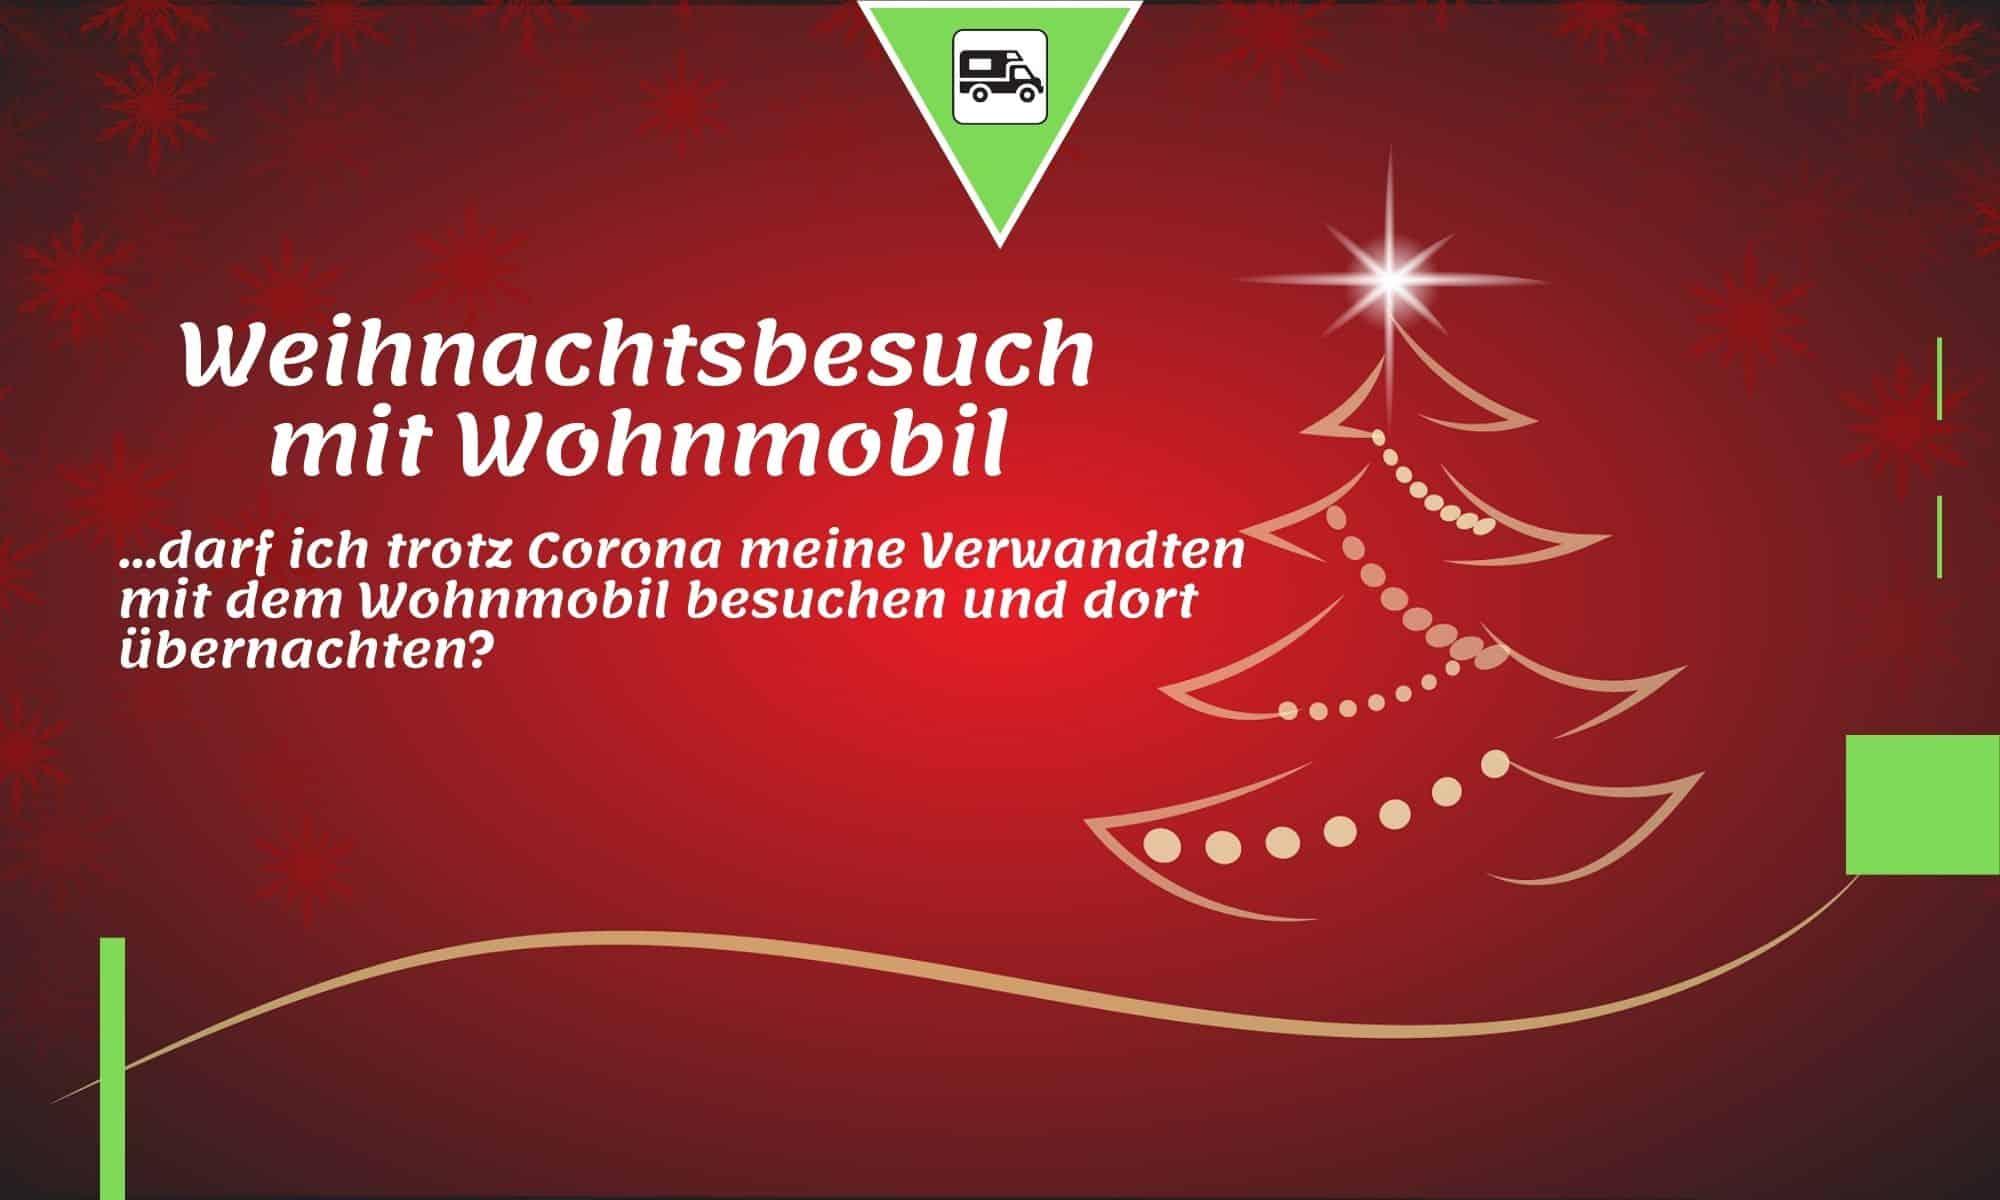 Weihnachtsbesuch mit Wohnmobil   Camping News Wochenrückblick – KW51/2020